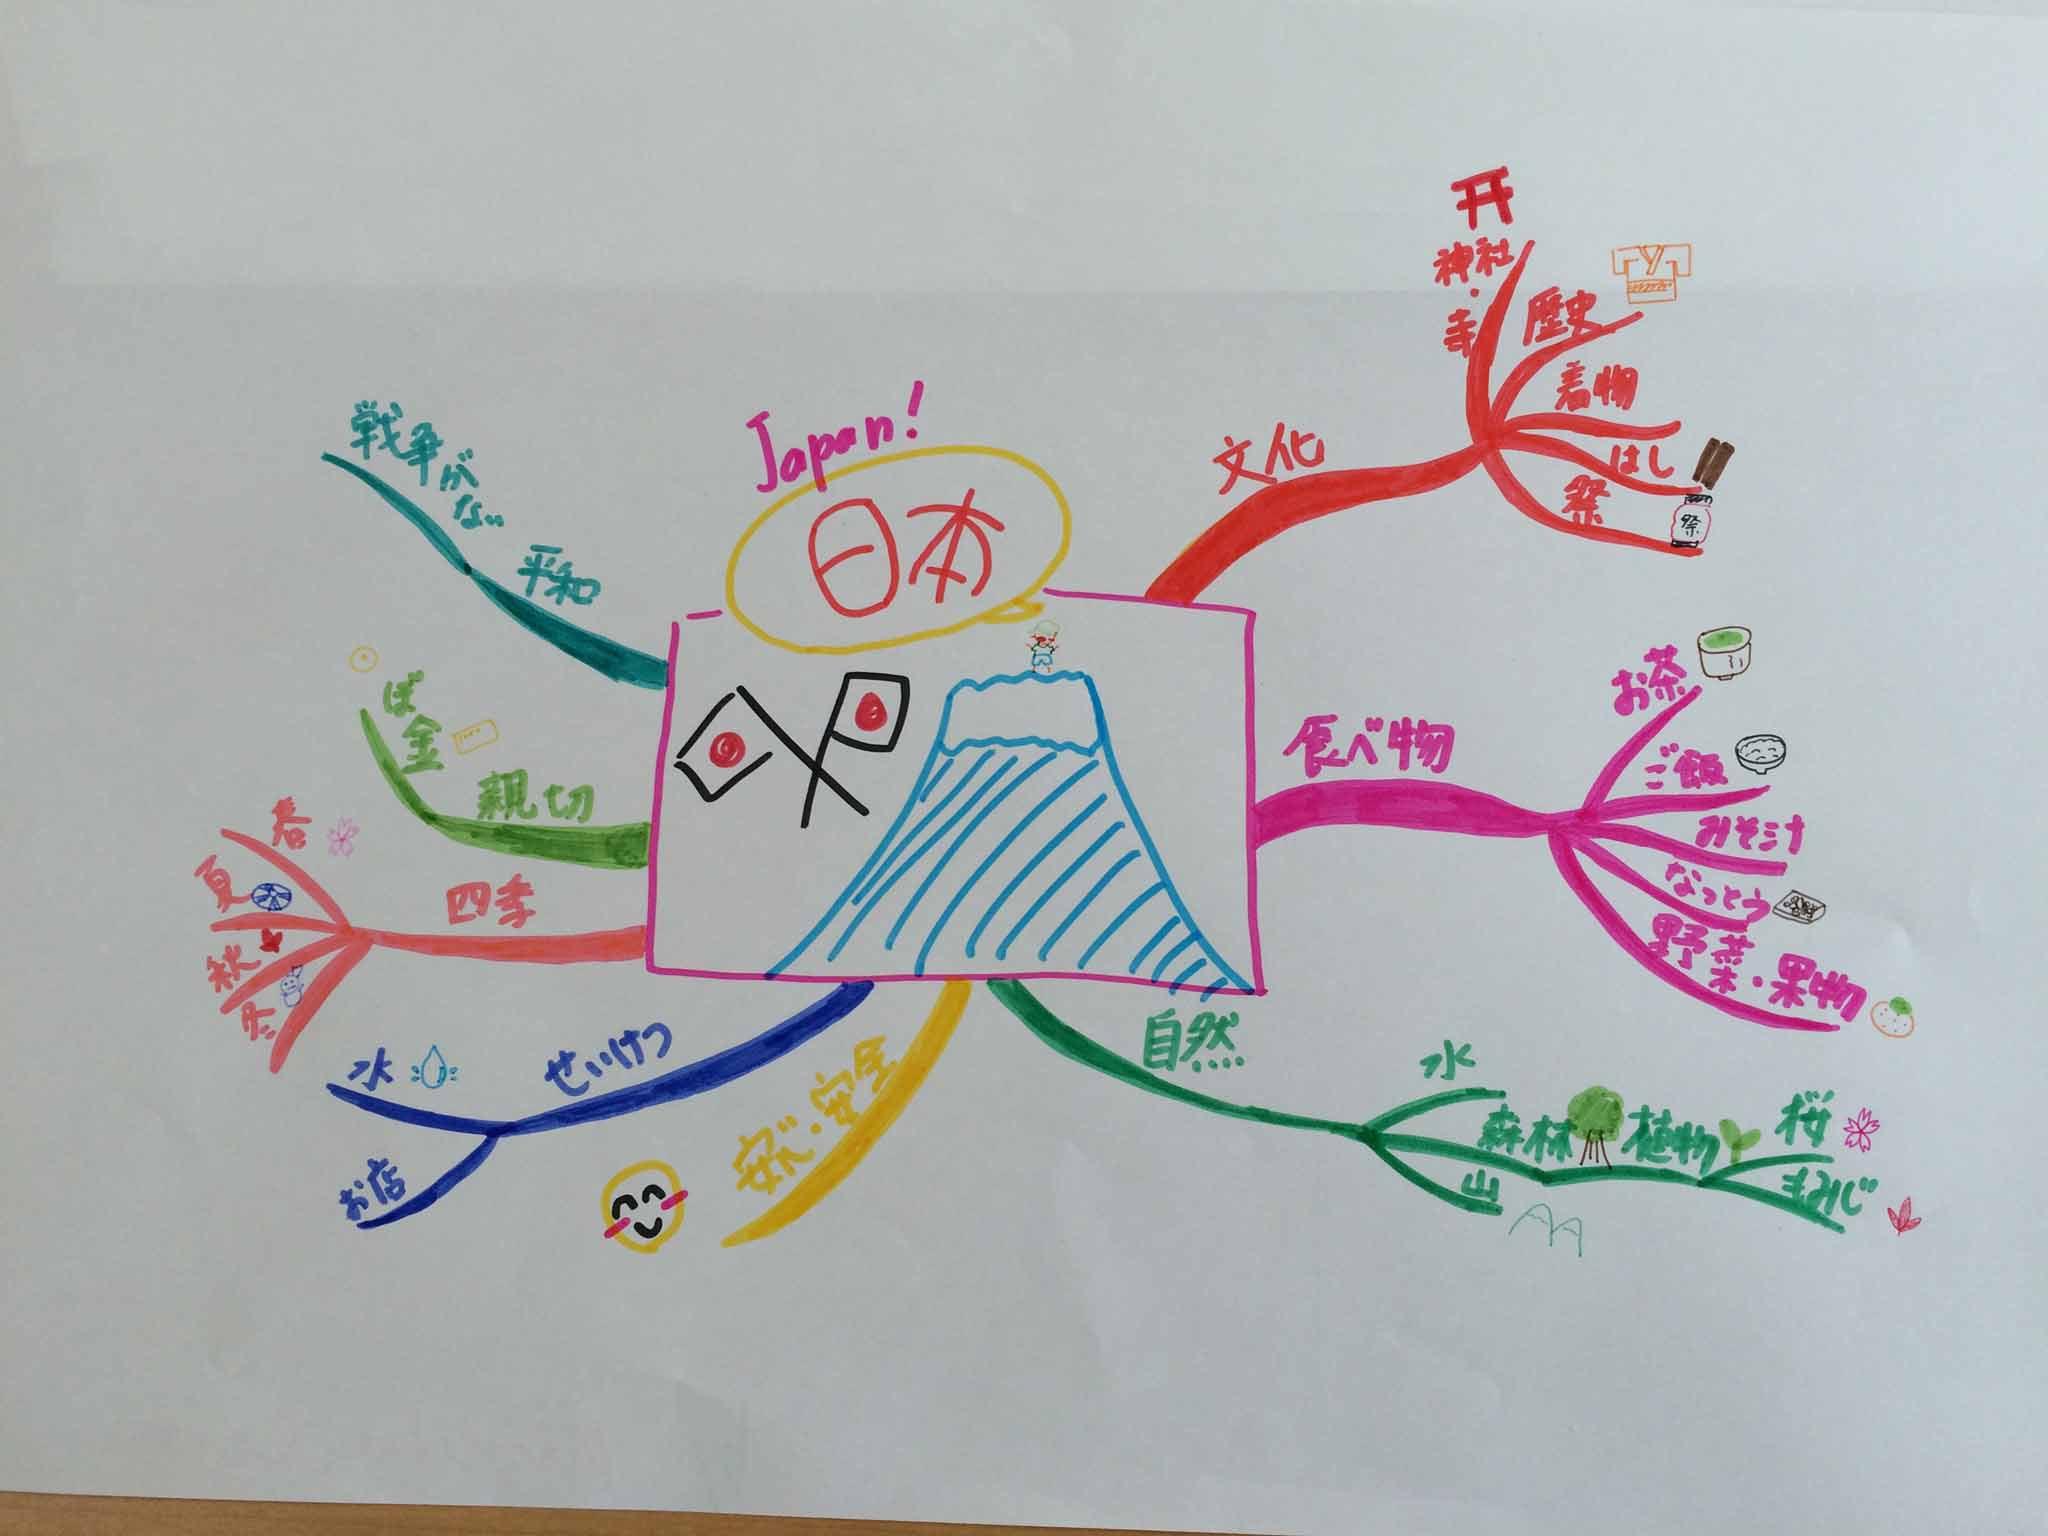 『とよた まちさと ミライ塾~初級マインドマップ講座』を開催しました!